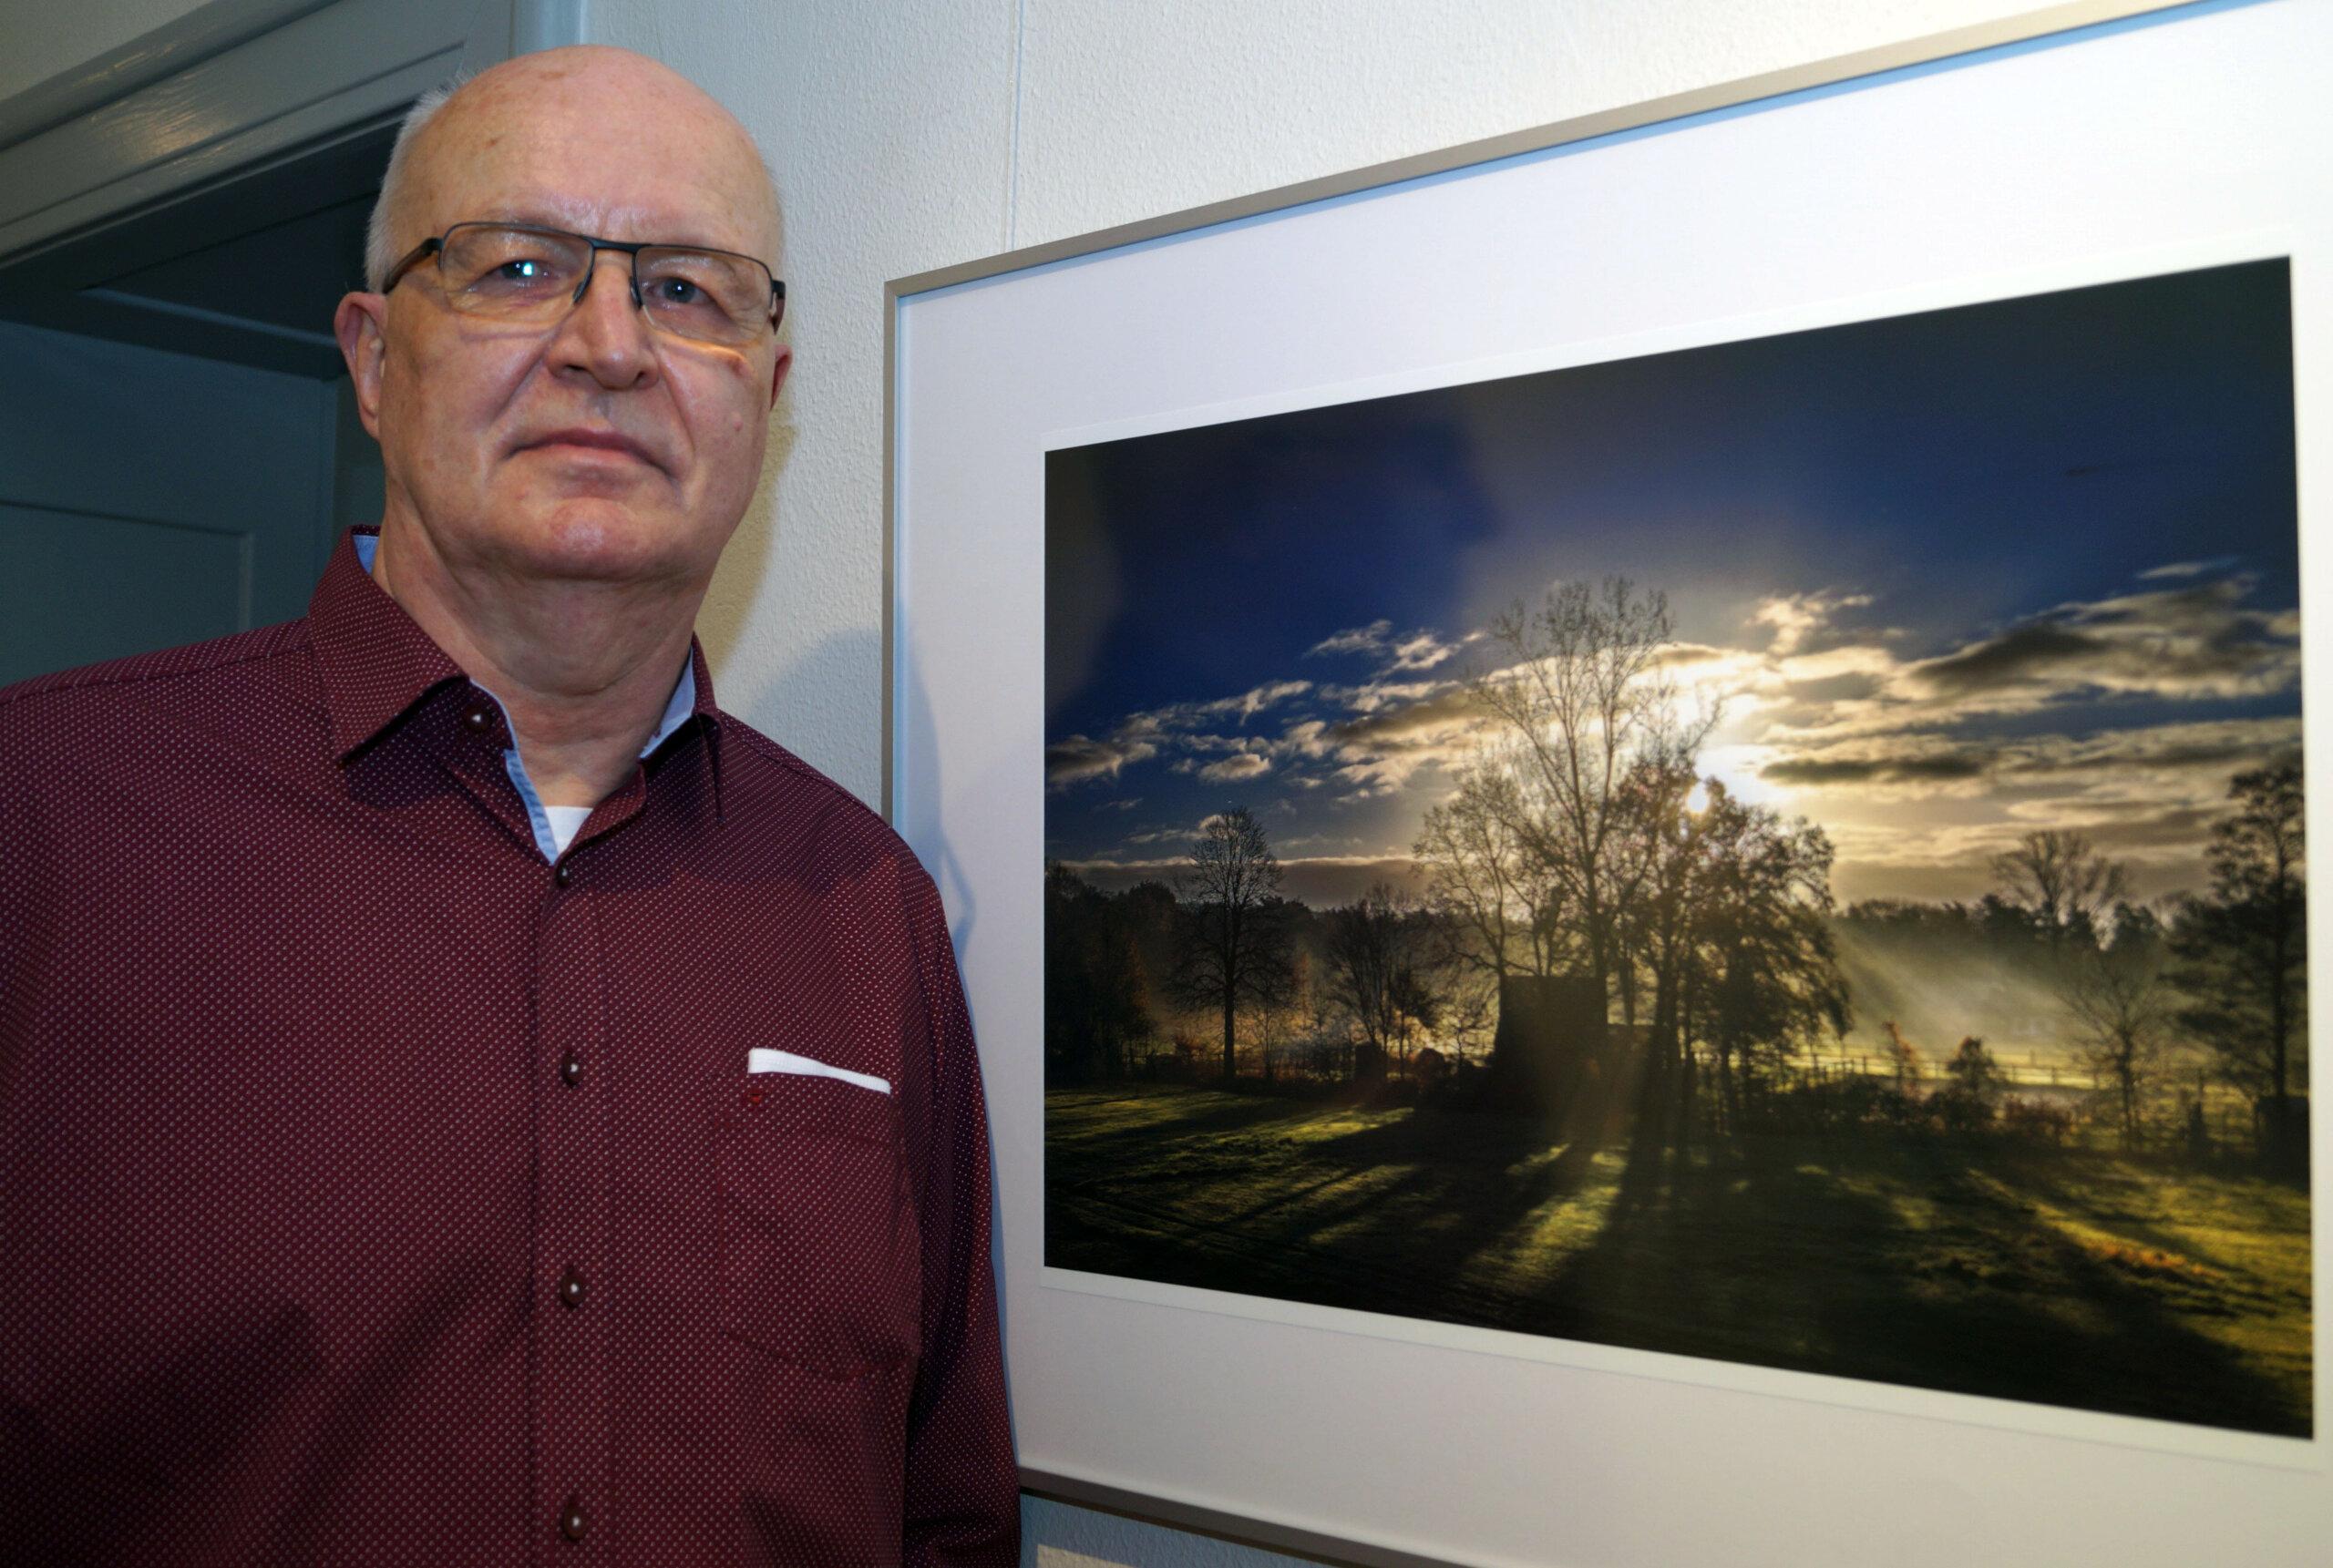 Winfried Hennes stellt seine Fotografien im Amtshaus in Selm-Bork aus. Foto: Stadt Selm / M. Woesmann